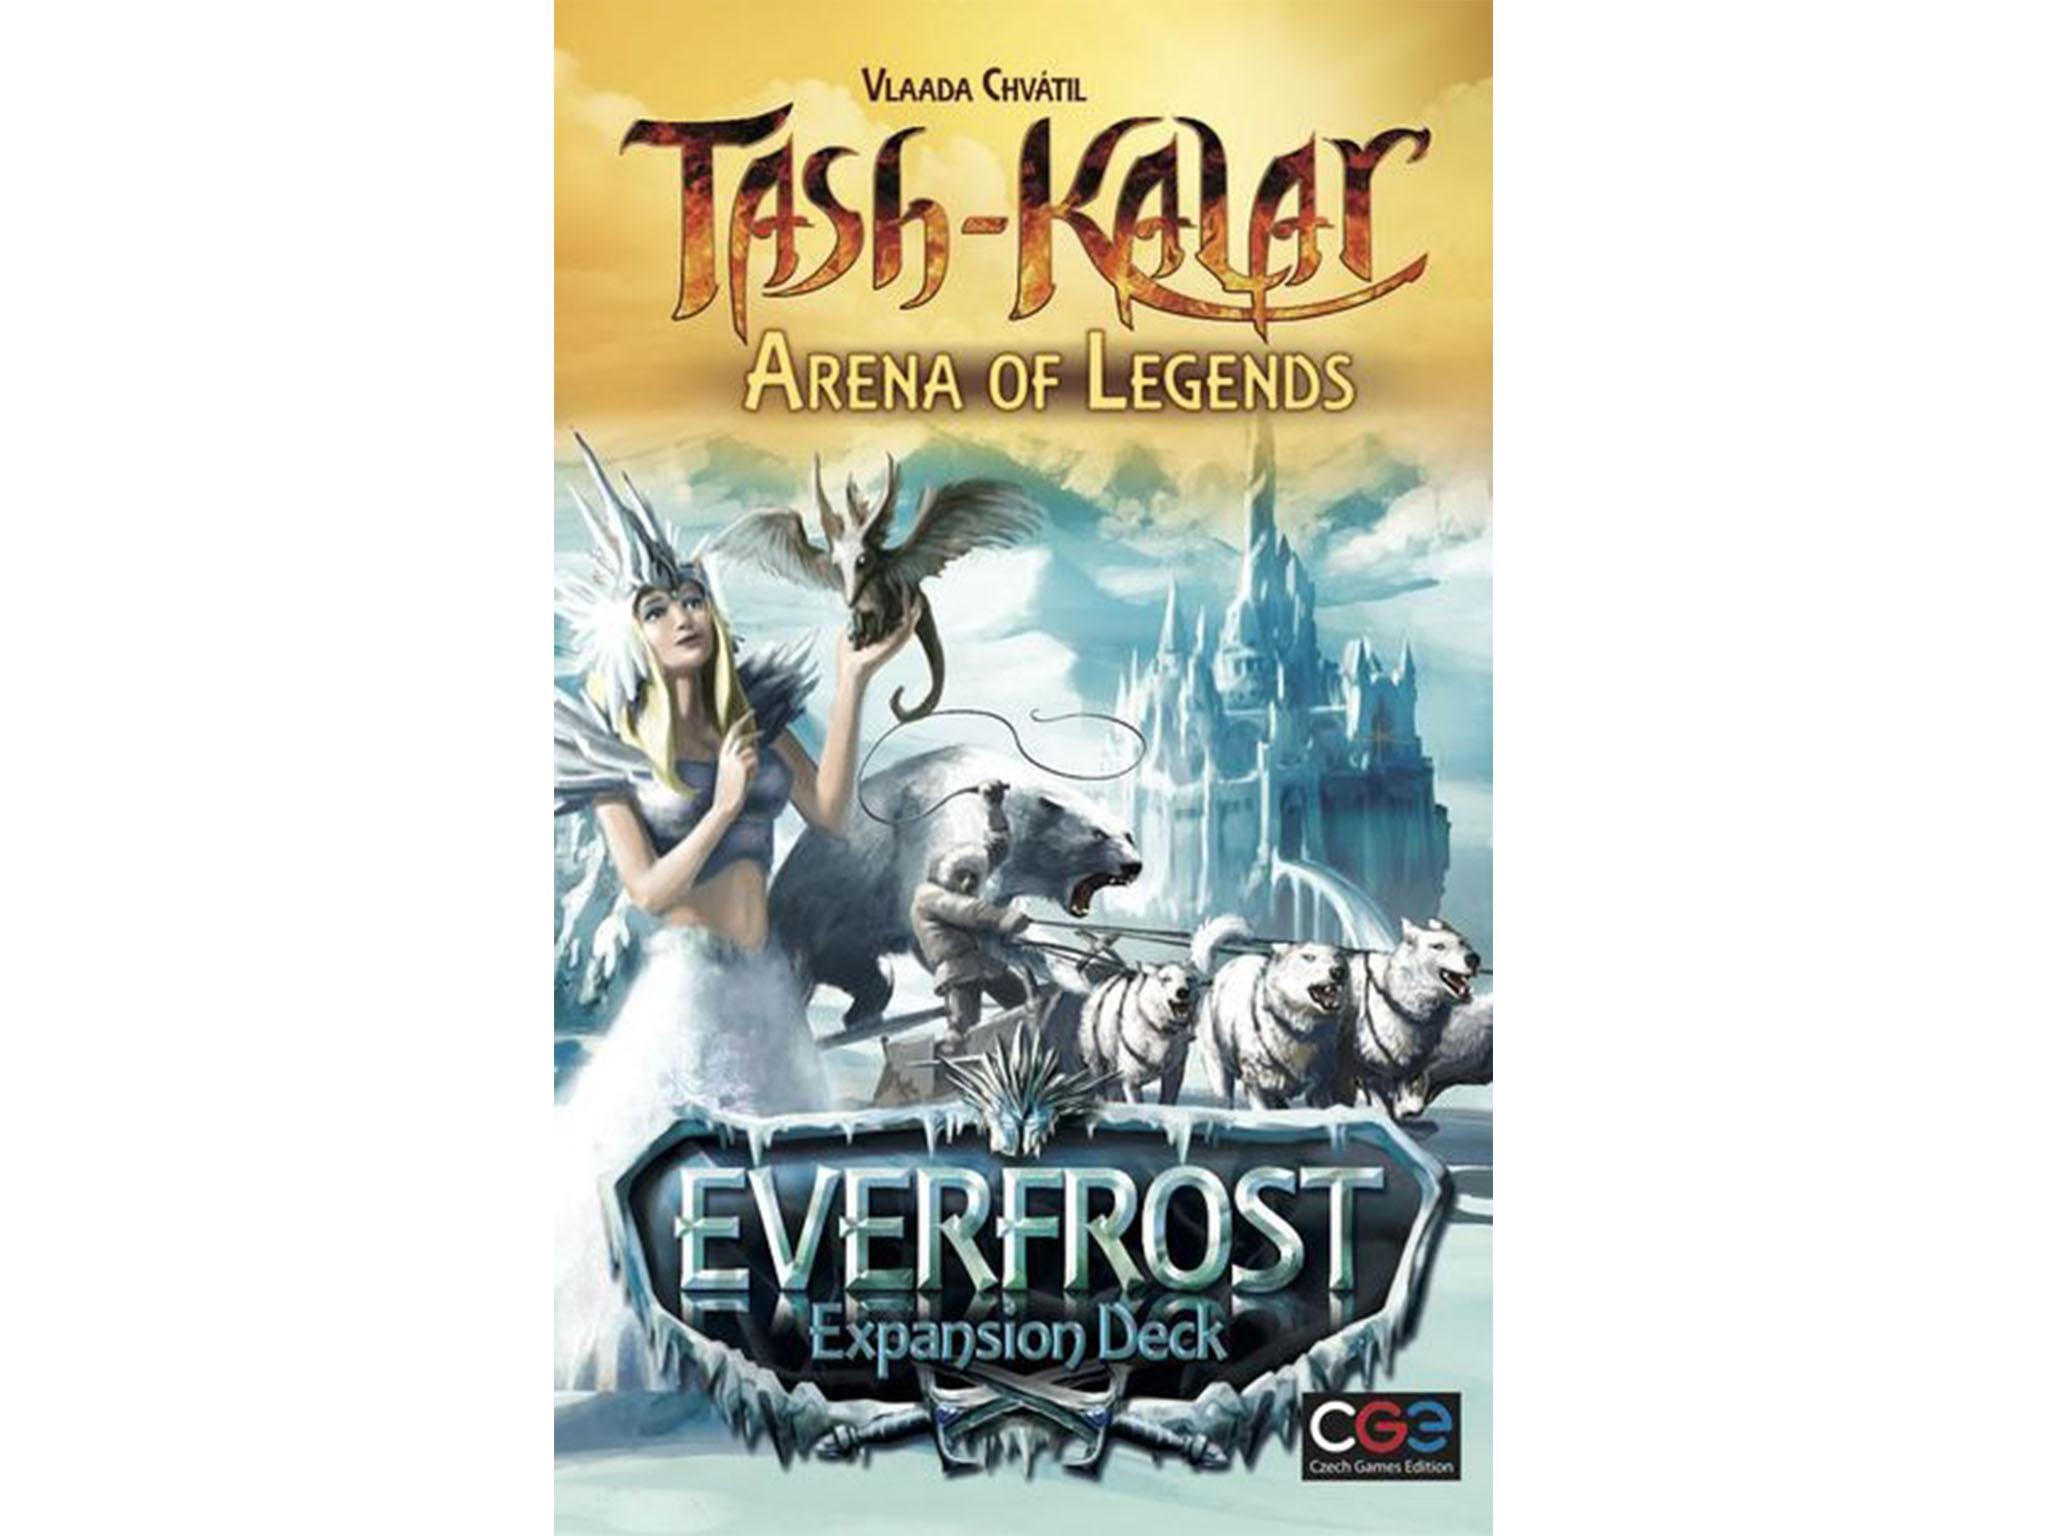 راهنمای-فارسی-بازی-tash-kalar-everfrost